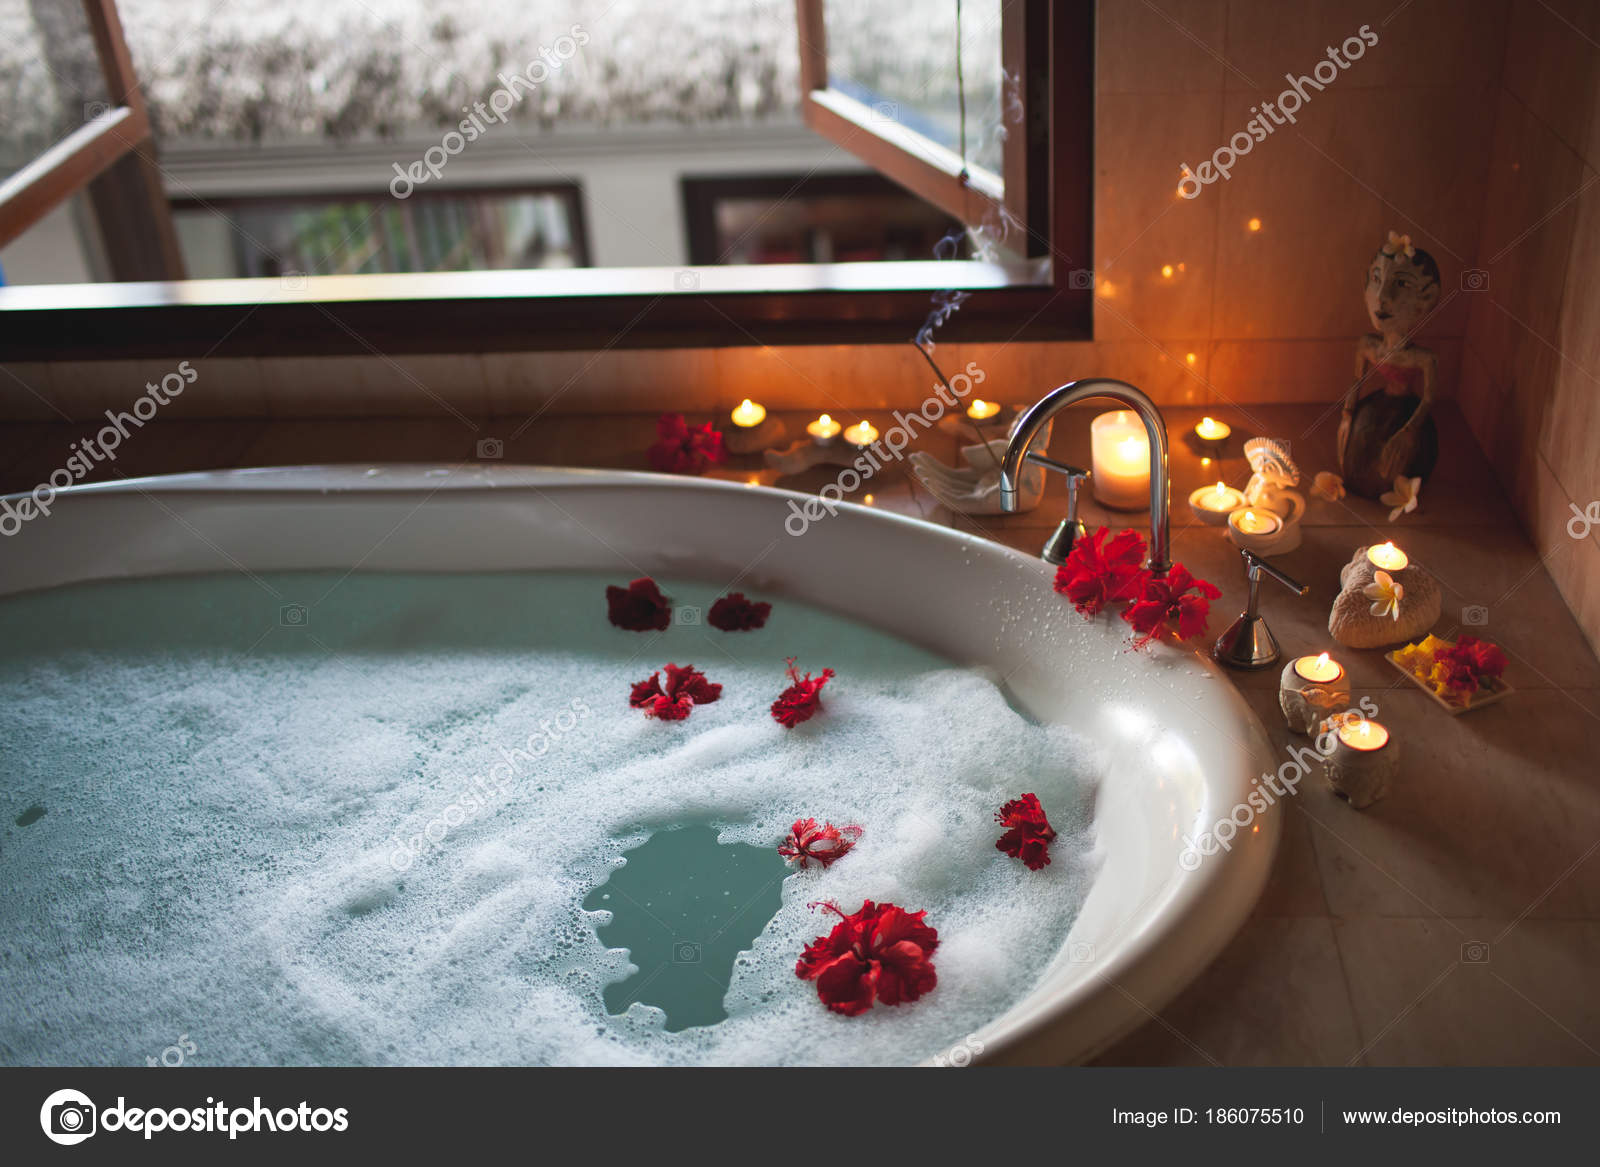 Vasca Da Bagno Romantica Con Candele : Letto vasca idromassaggio in camera da letto camera interno